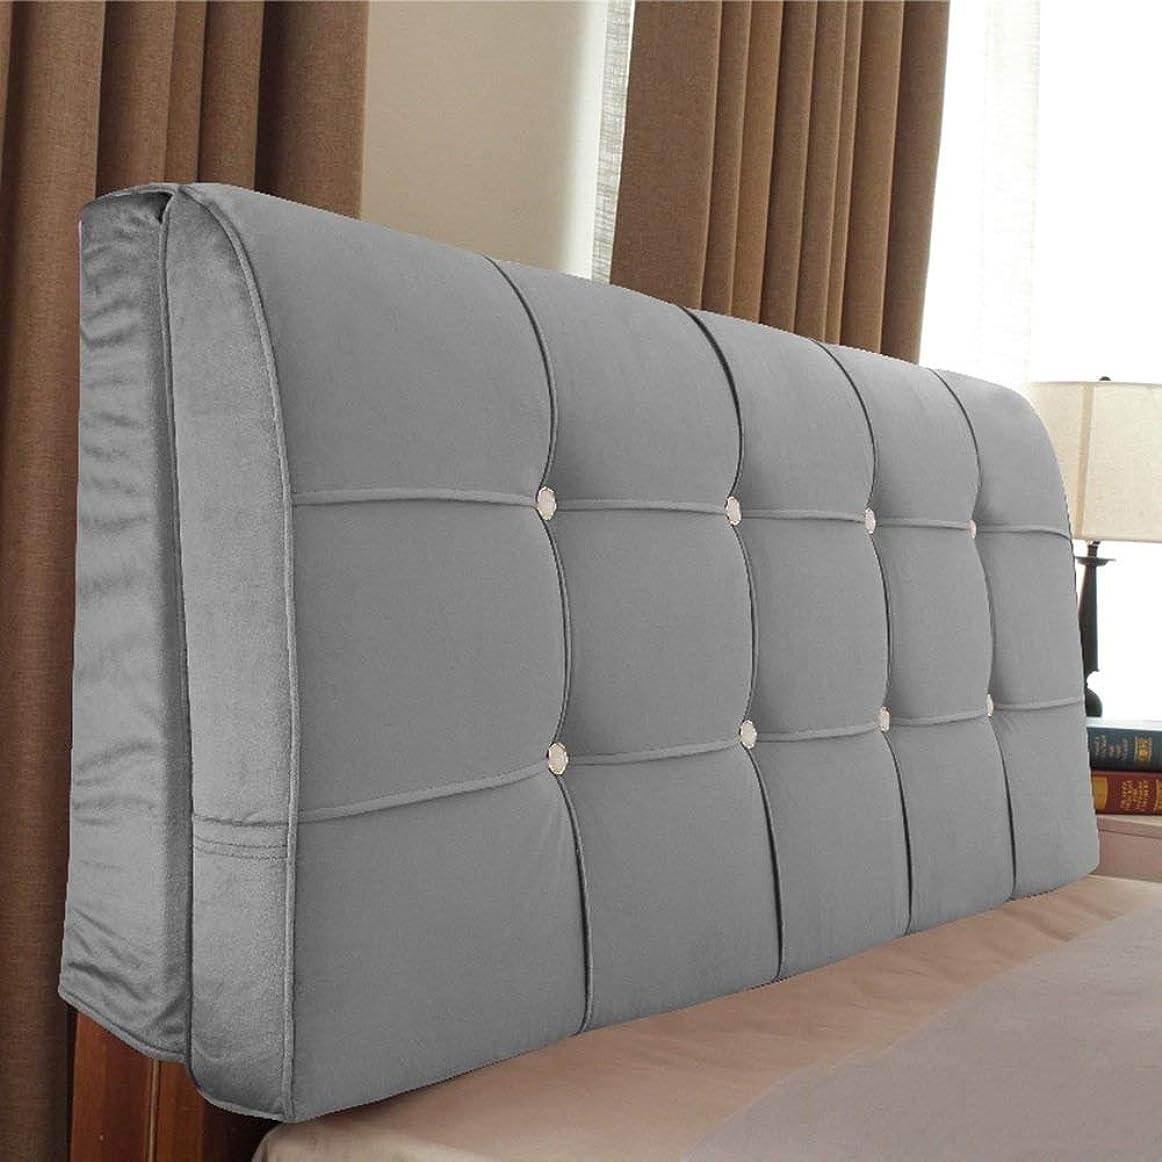 機知に富んだ請求可能キャプテンベッドサイドクッションベッドクッション枕ベッド枕大背もたれクッションダブルウエストクッション畳ベッド布厚さソフトパック取り外し可能および洗える、ヘッドボード付き/ヘッドボードなし、5色、複数のサイズ (色 : 1#, サイズ さいず : With headboard-160cm)